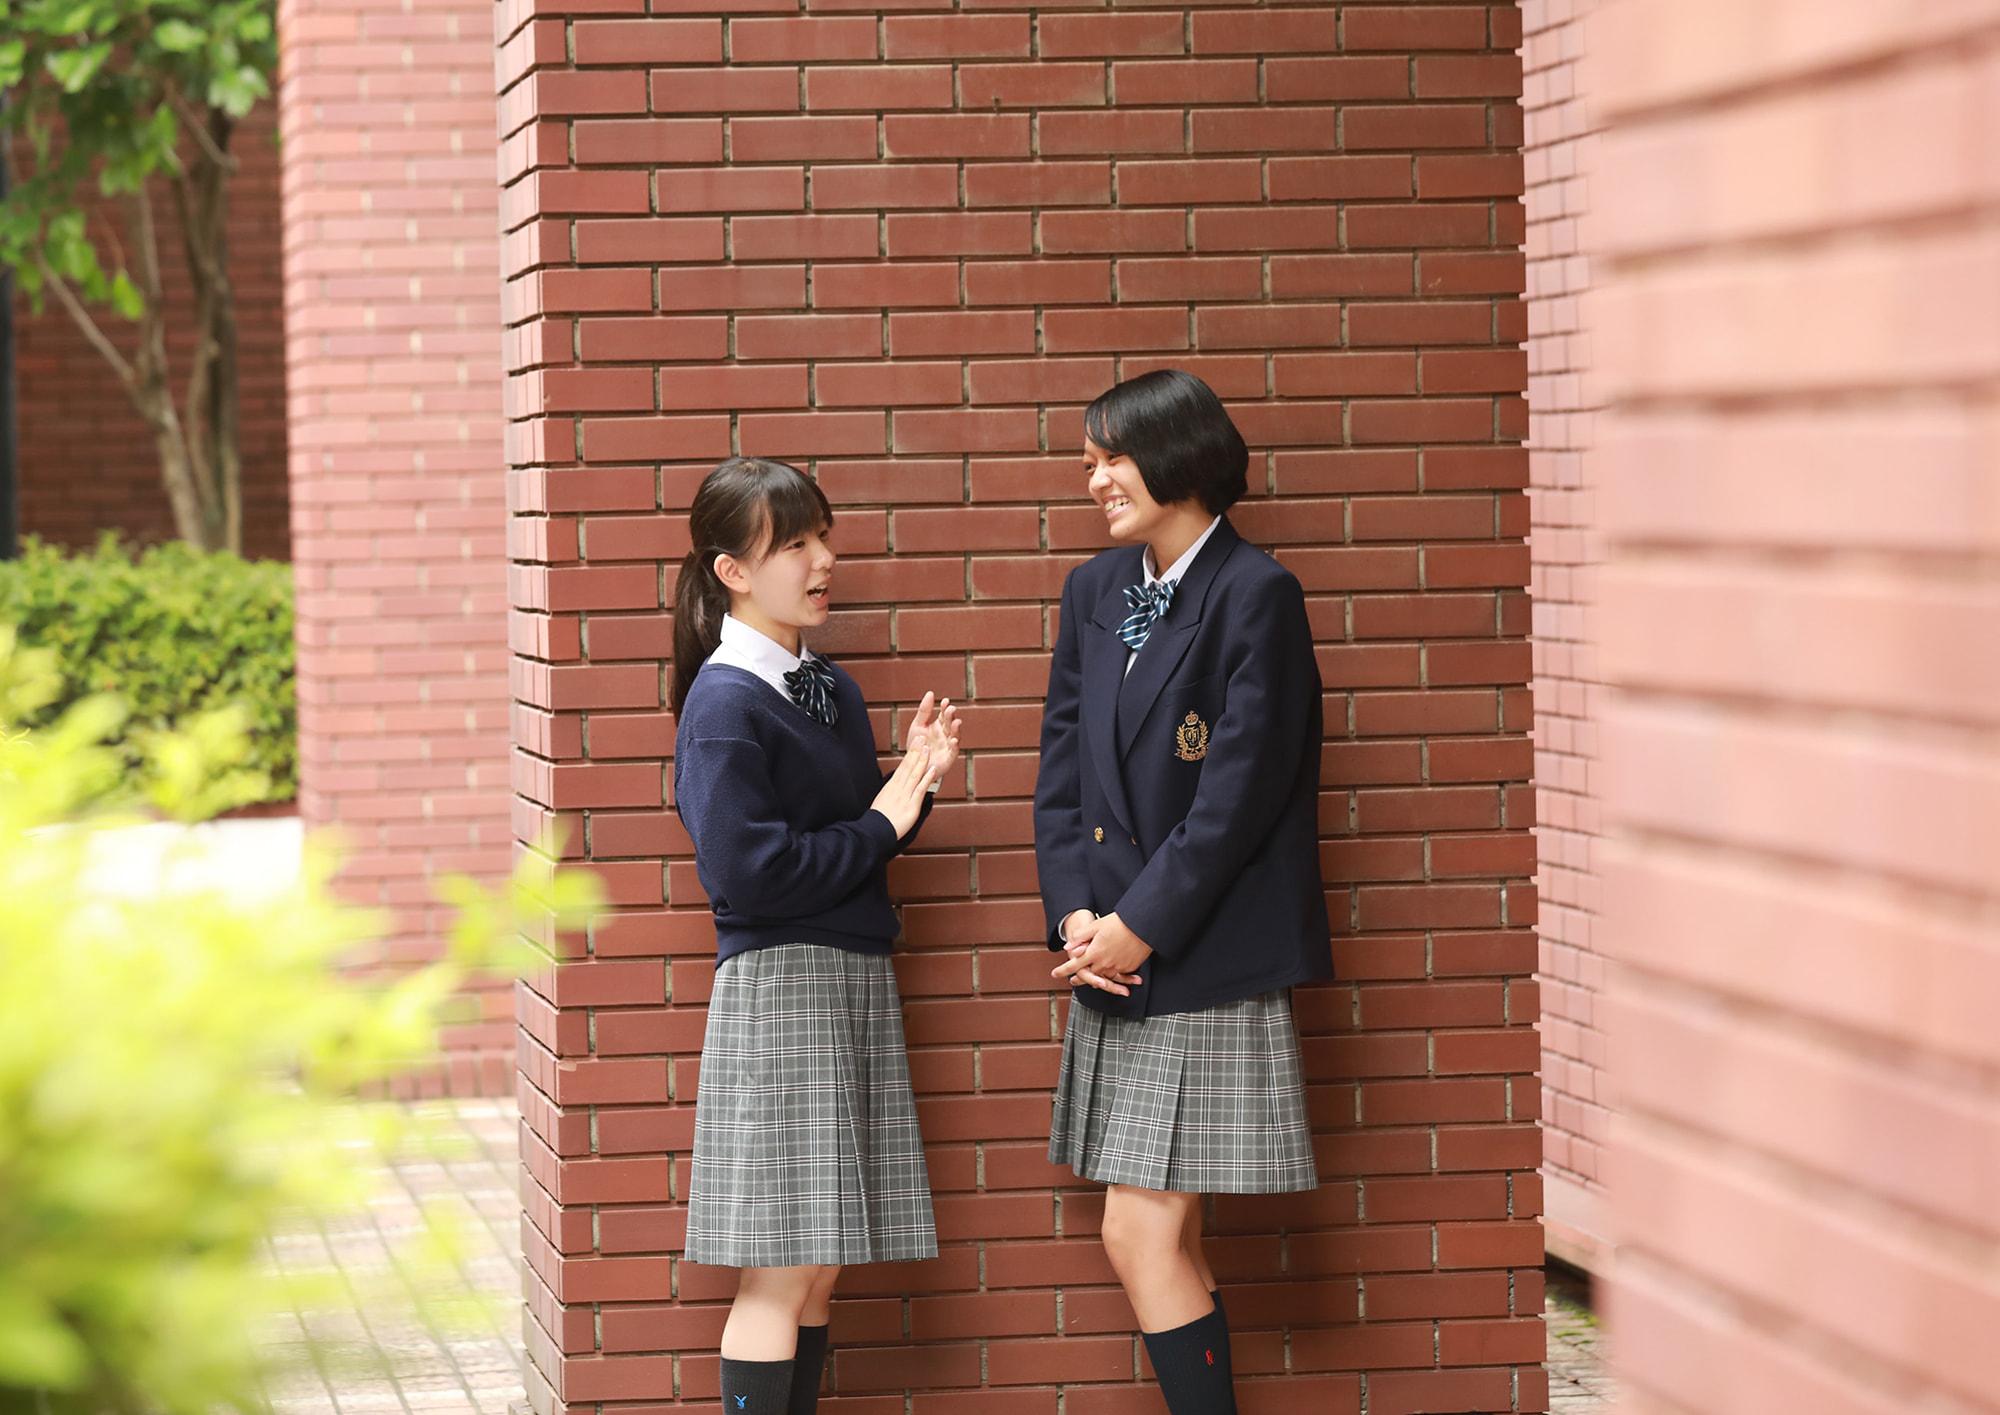 立川女子高等学校 イメージ3枚目